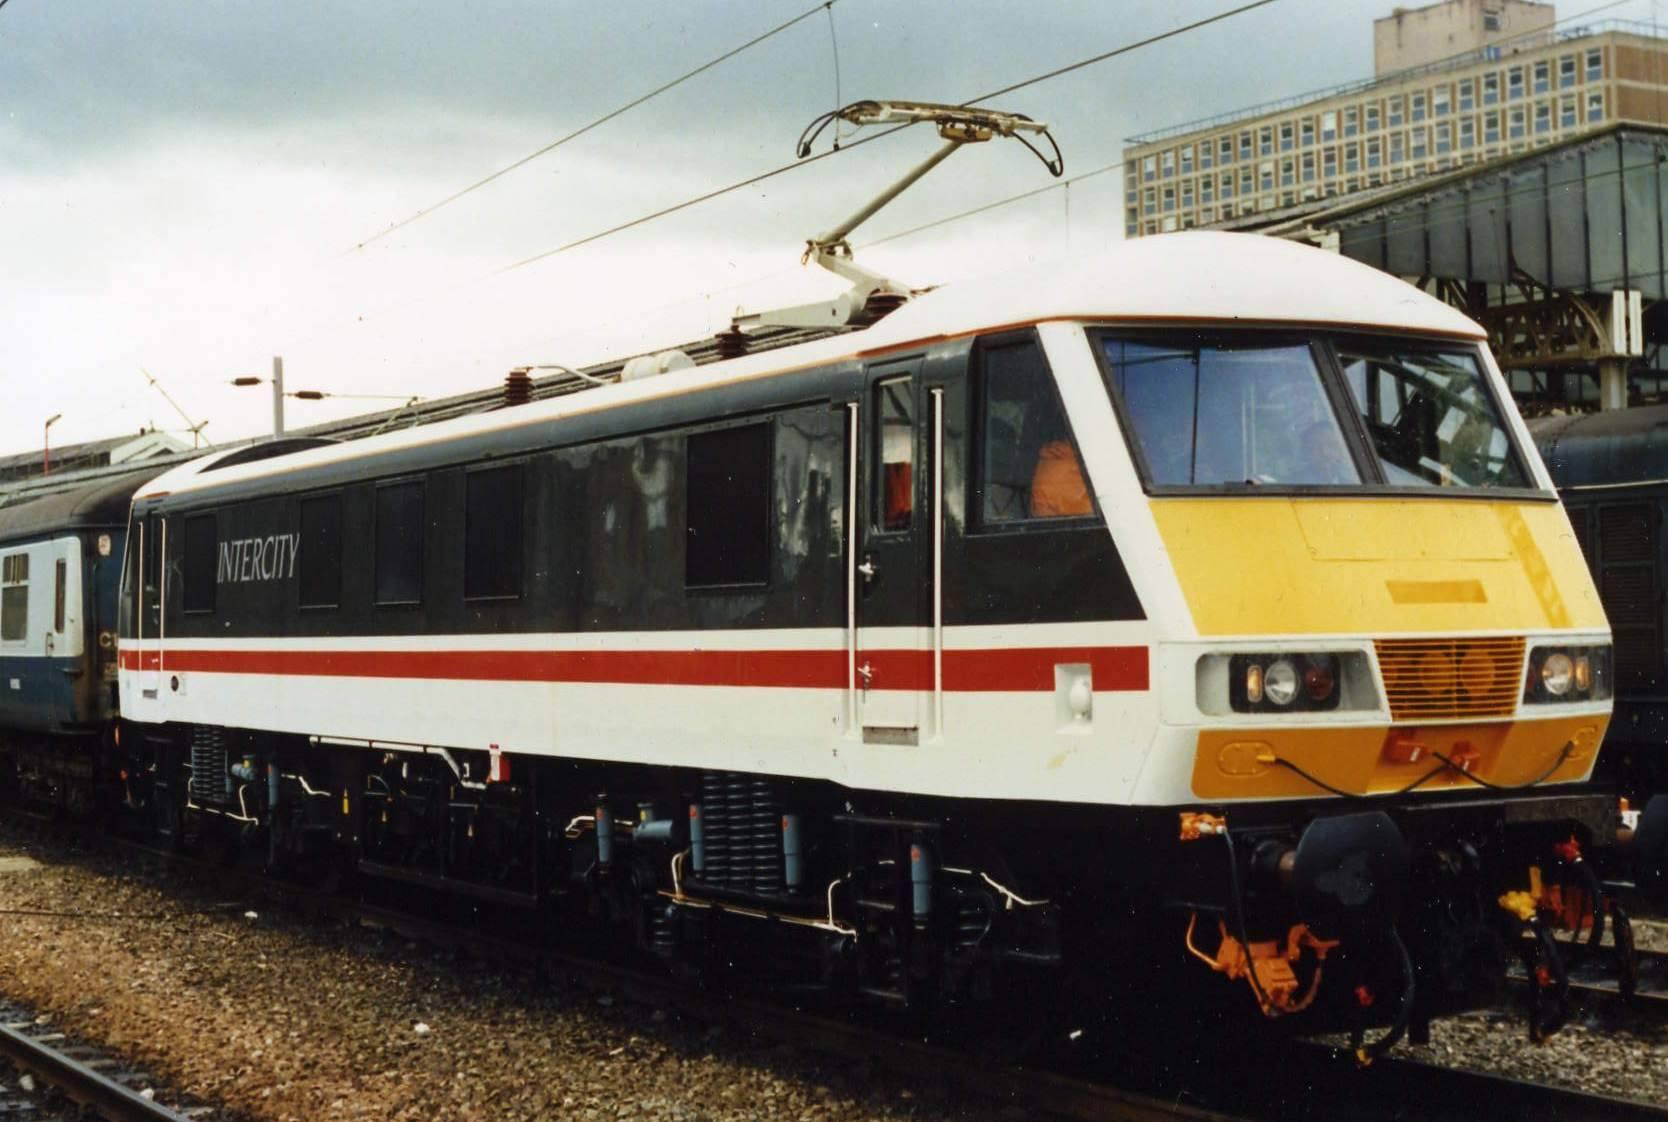 Review: Hornby Virgin Charter Relief Set (Class 90 & DVT) (3/6)